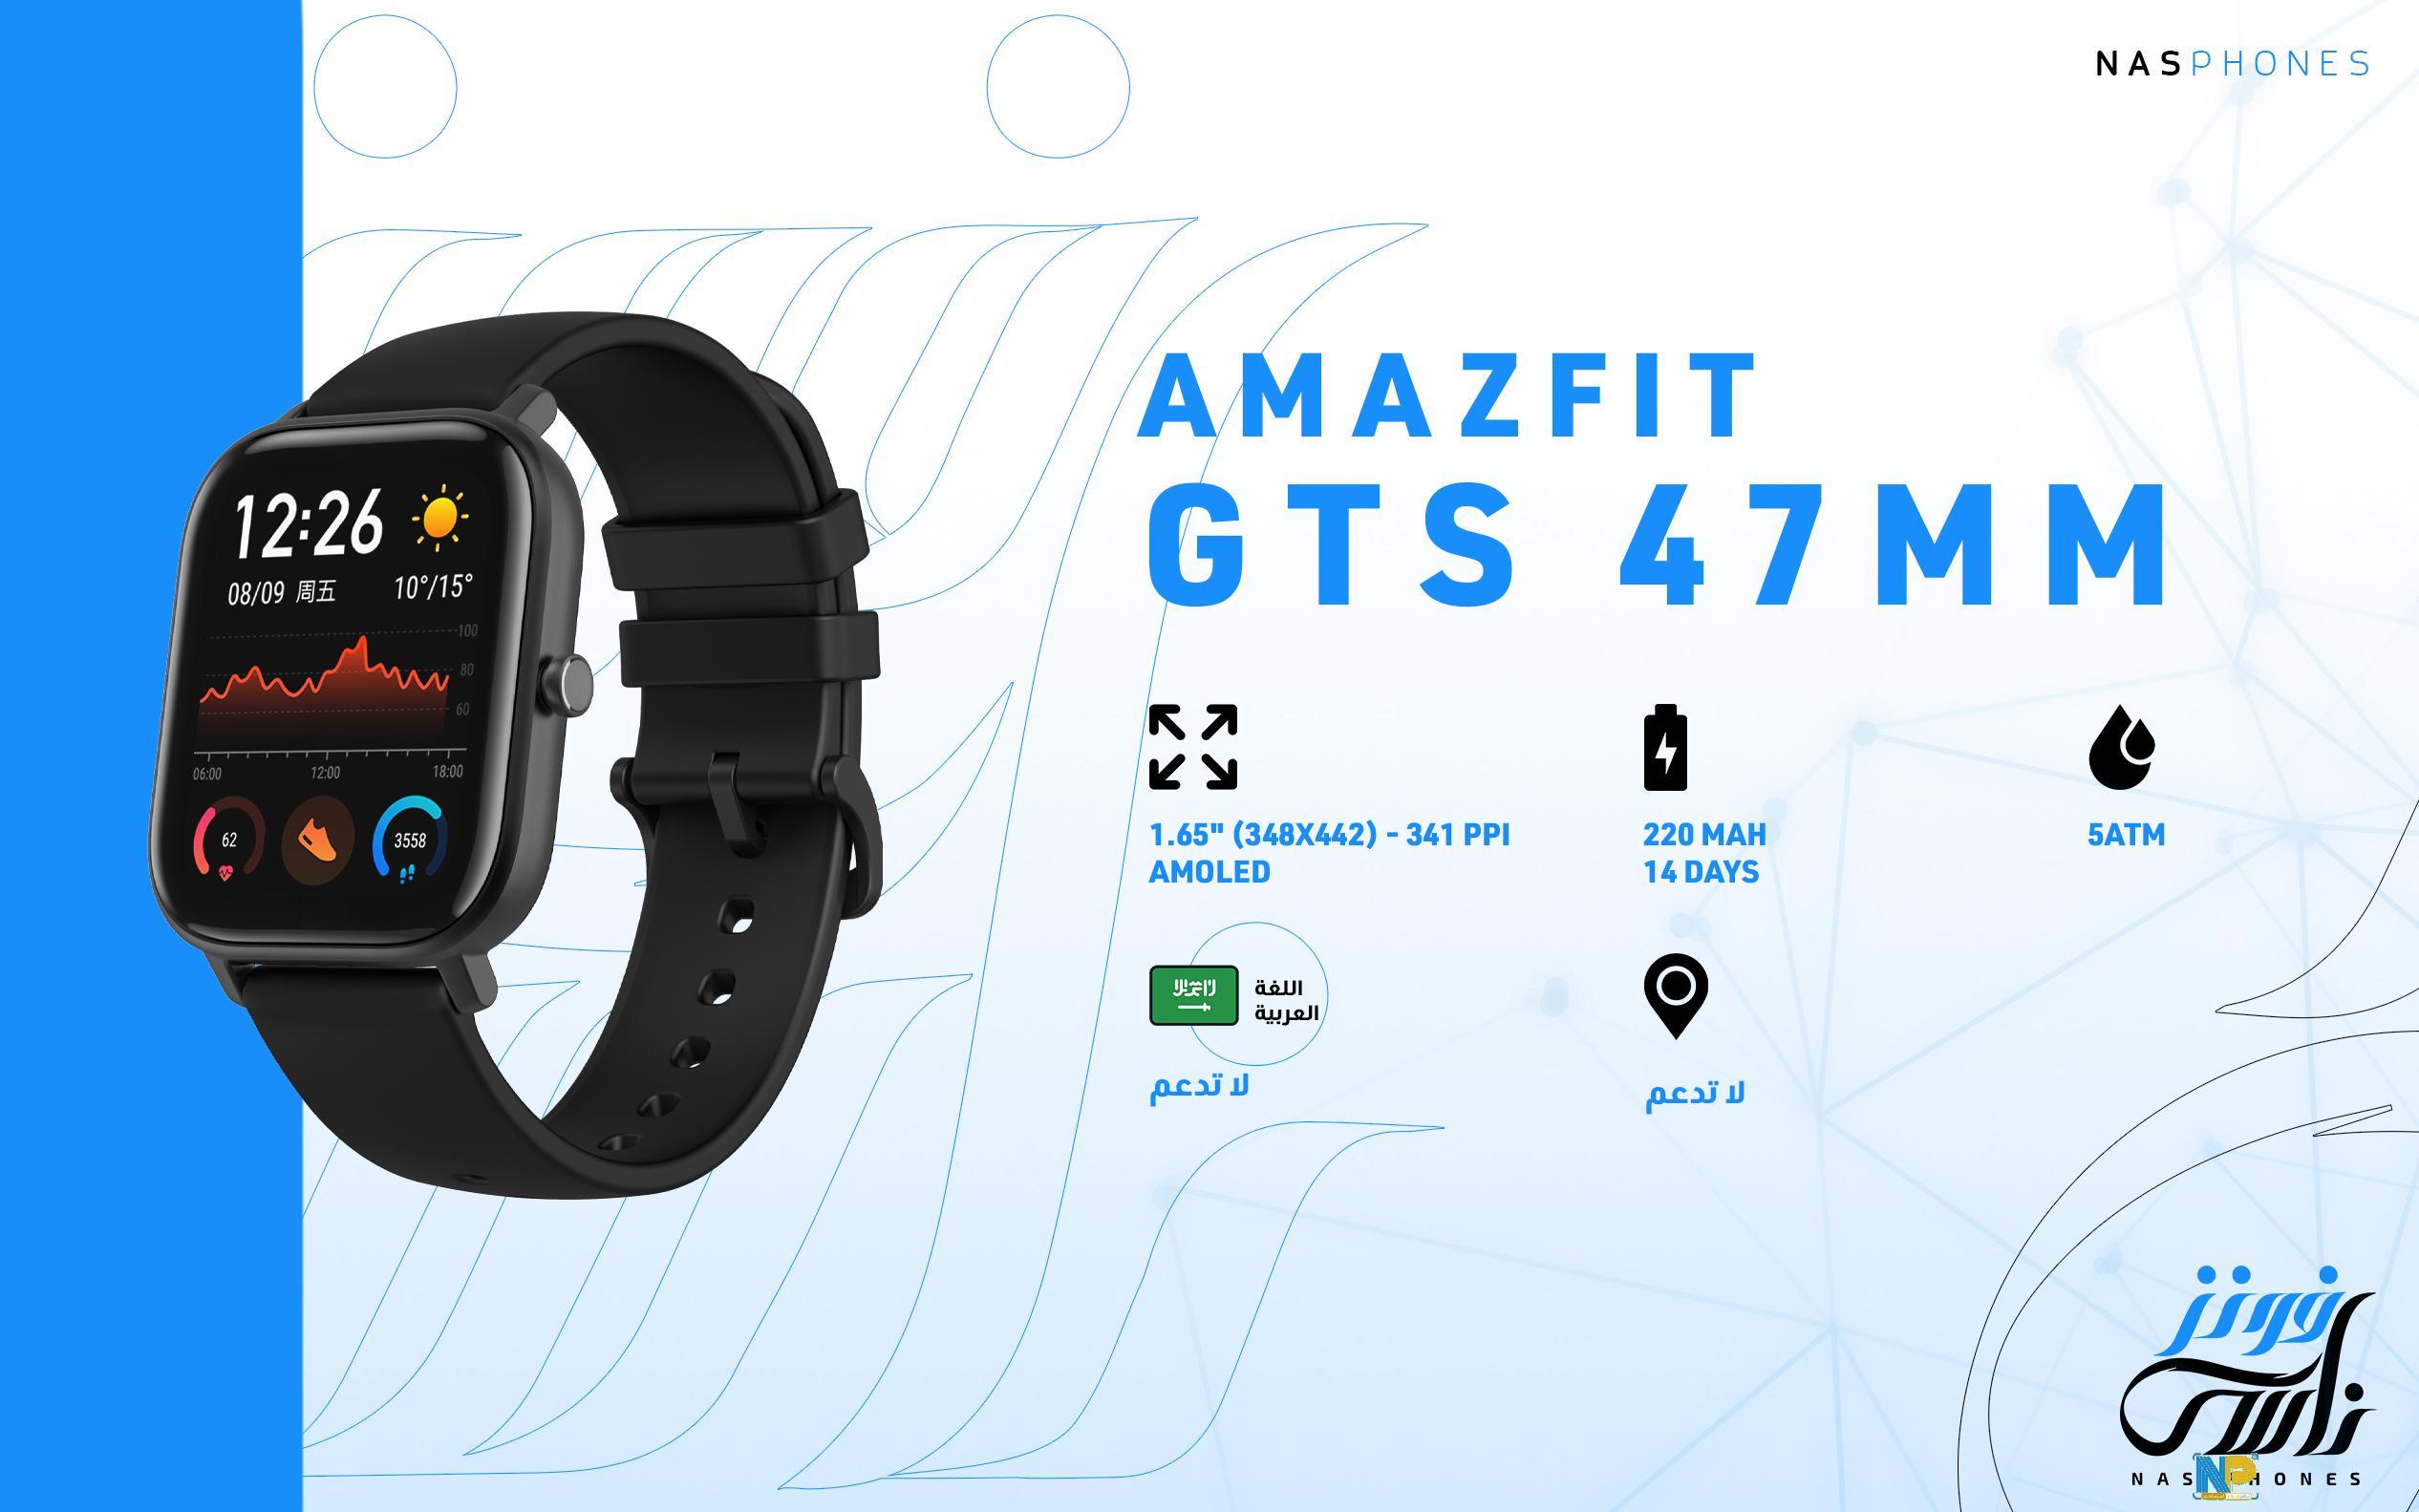 Amazfit GTS 47mm